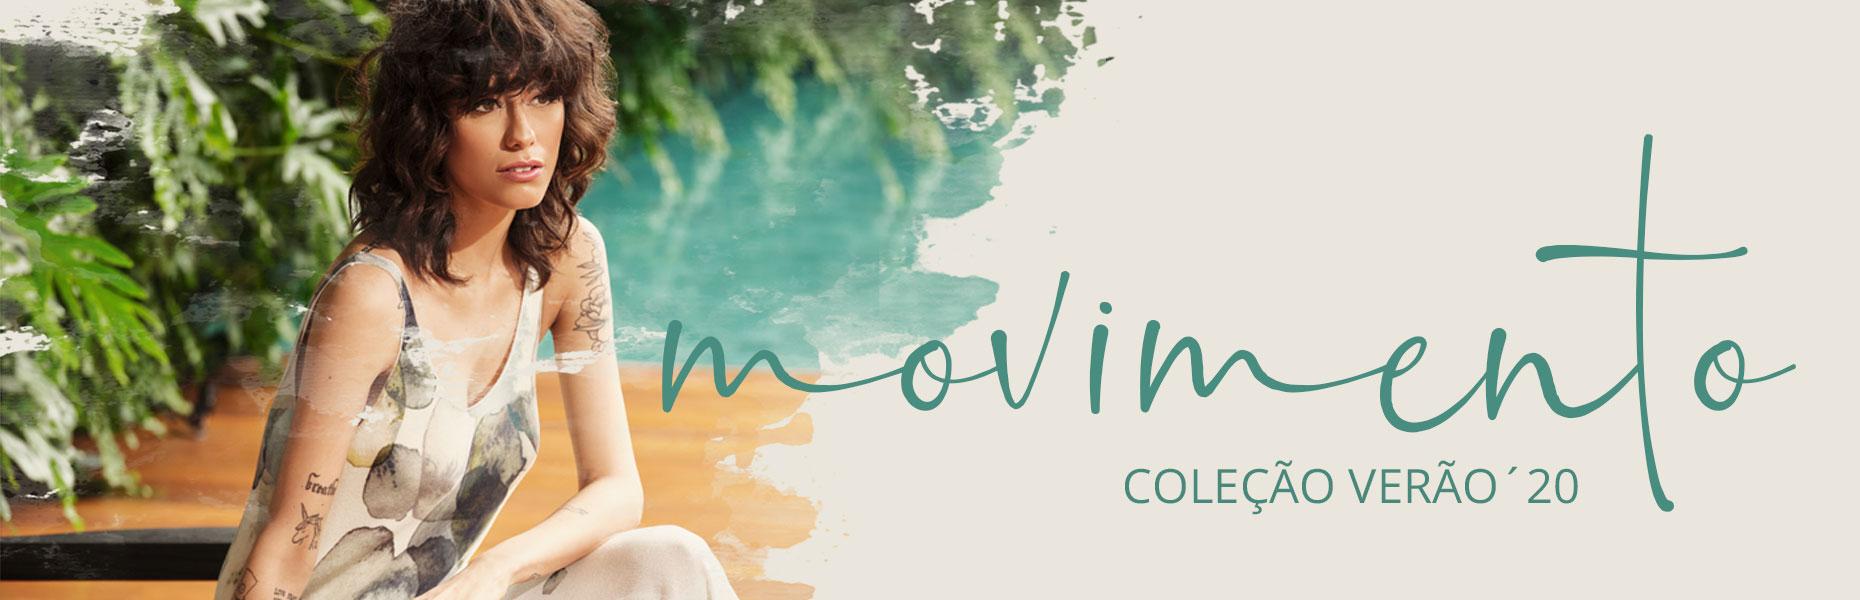 Lançamento da Coleção Verão 20 - Movimento